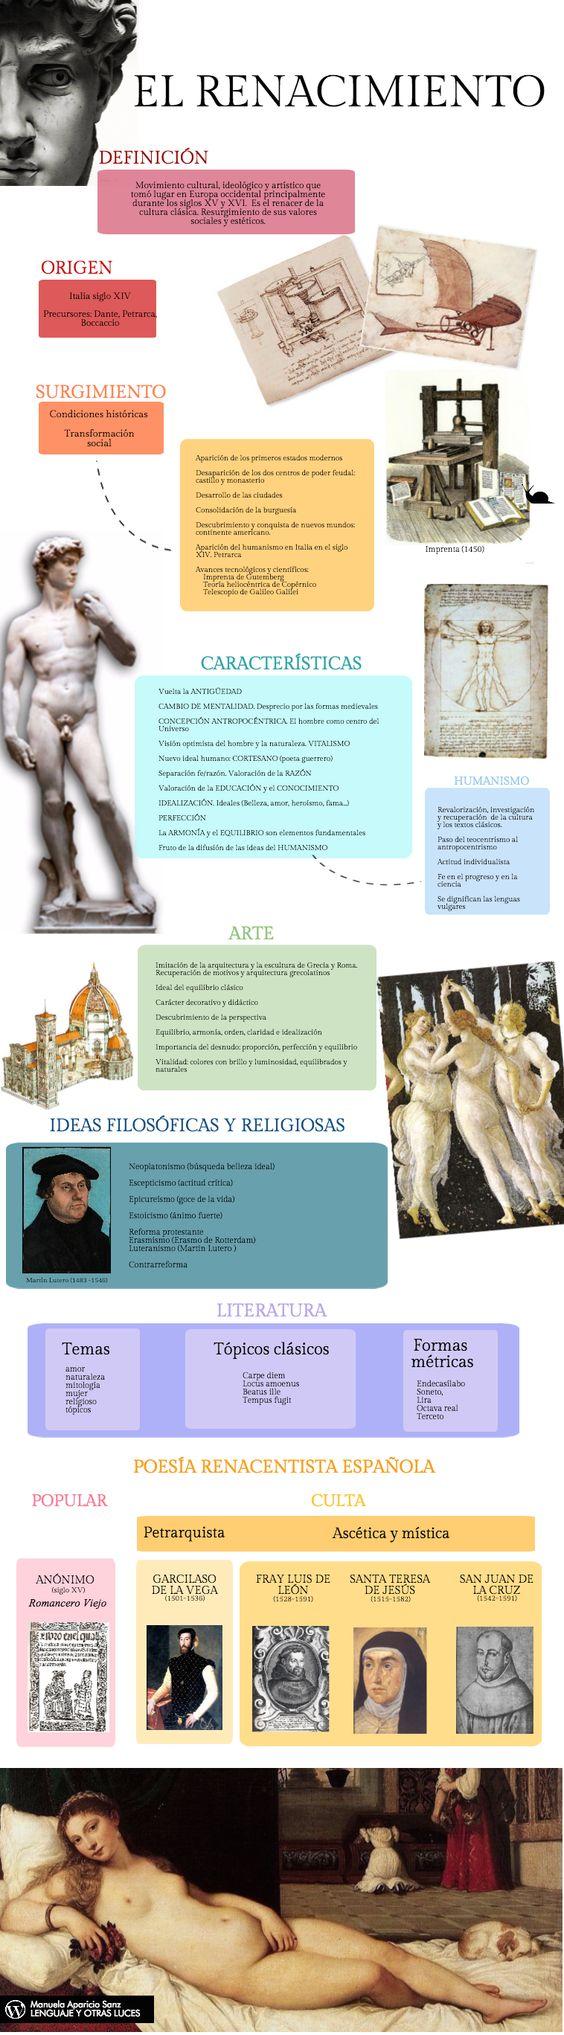 Infografía del Renacimiento: definición, origen, características, arte, ideas filosóficas y religiosas, literatura y poesía renacentista española. https://lenguajeyotrasluces.wordpress.com/: